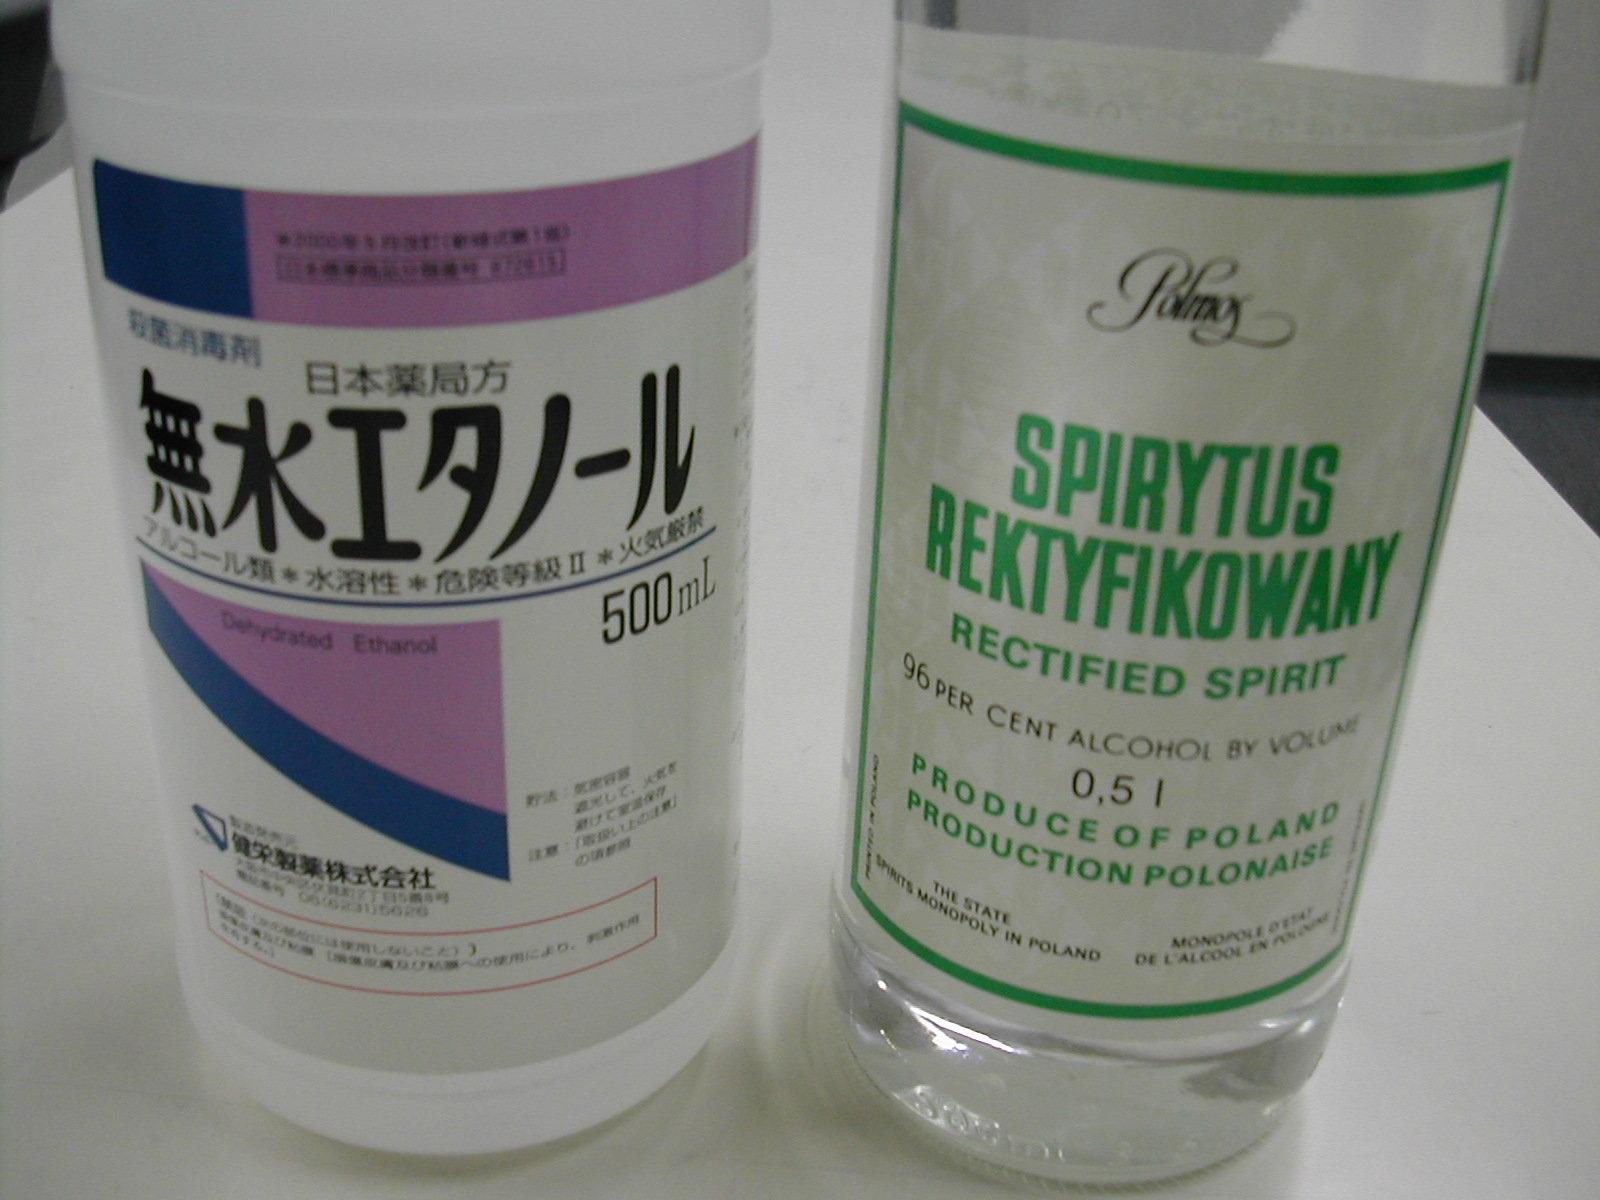 Kizai1